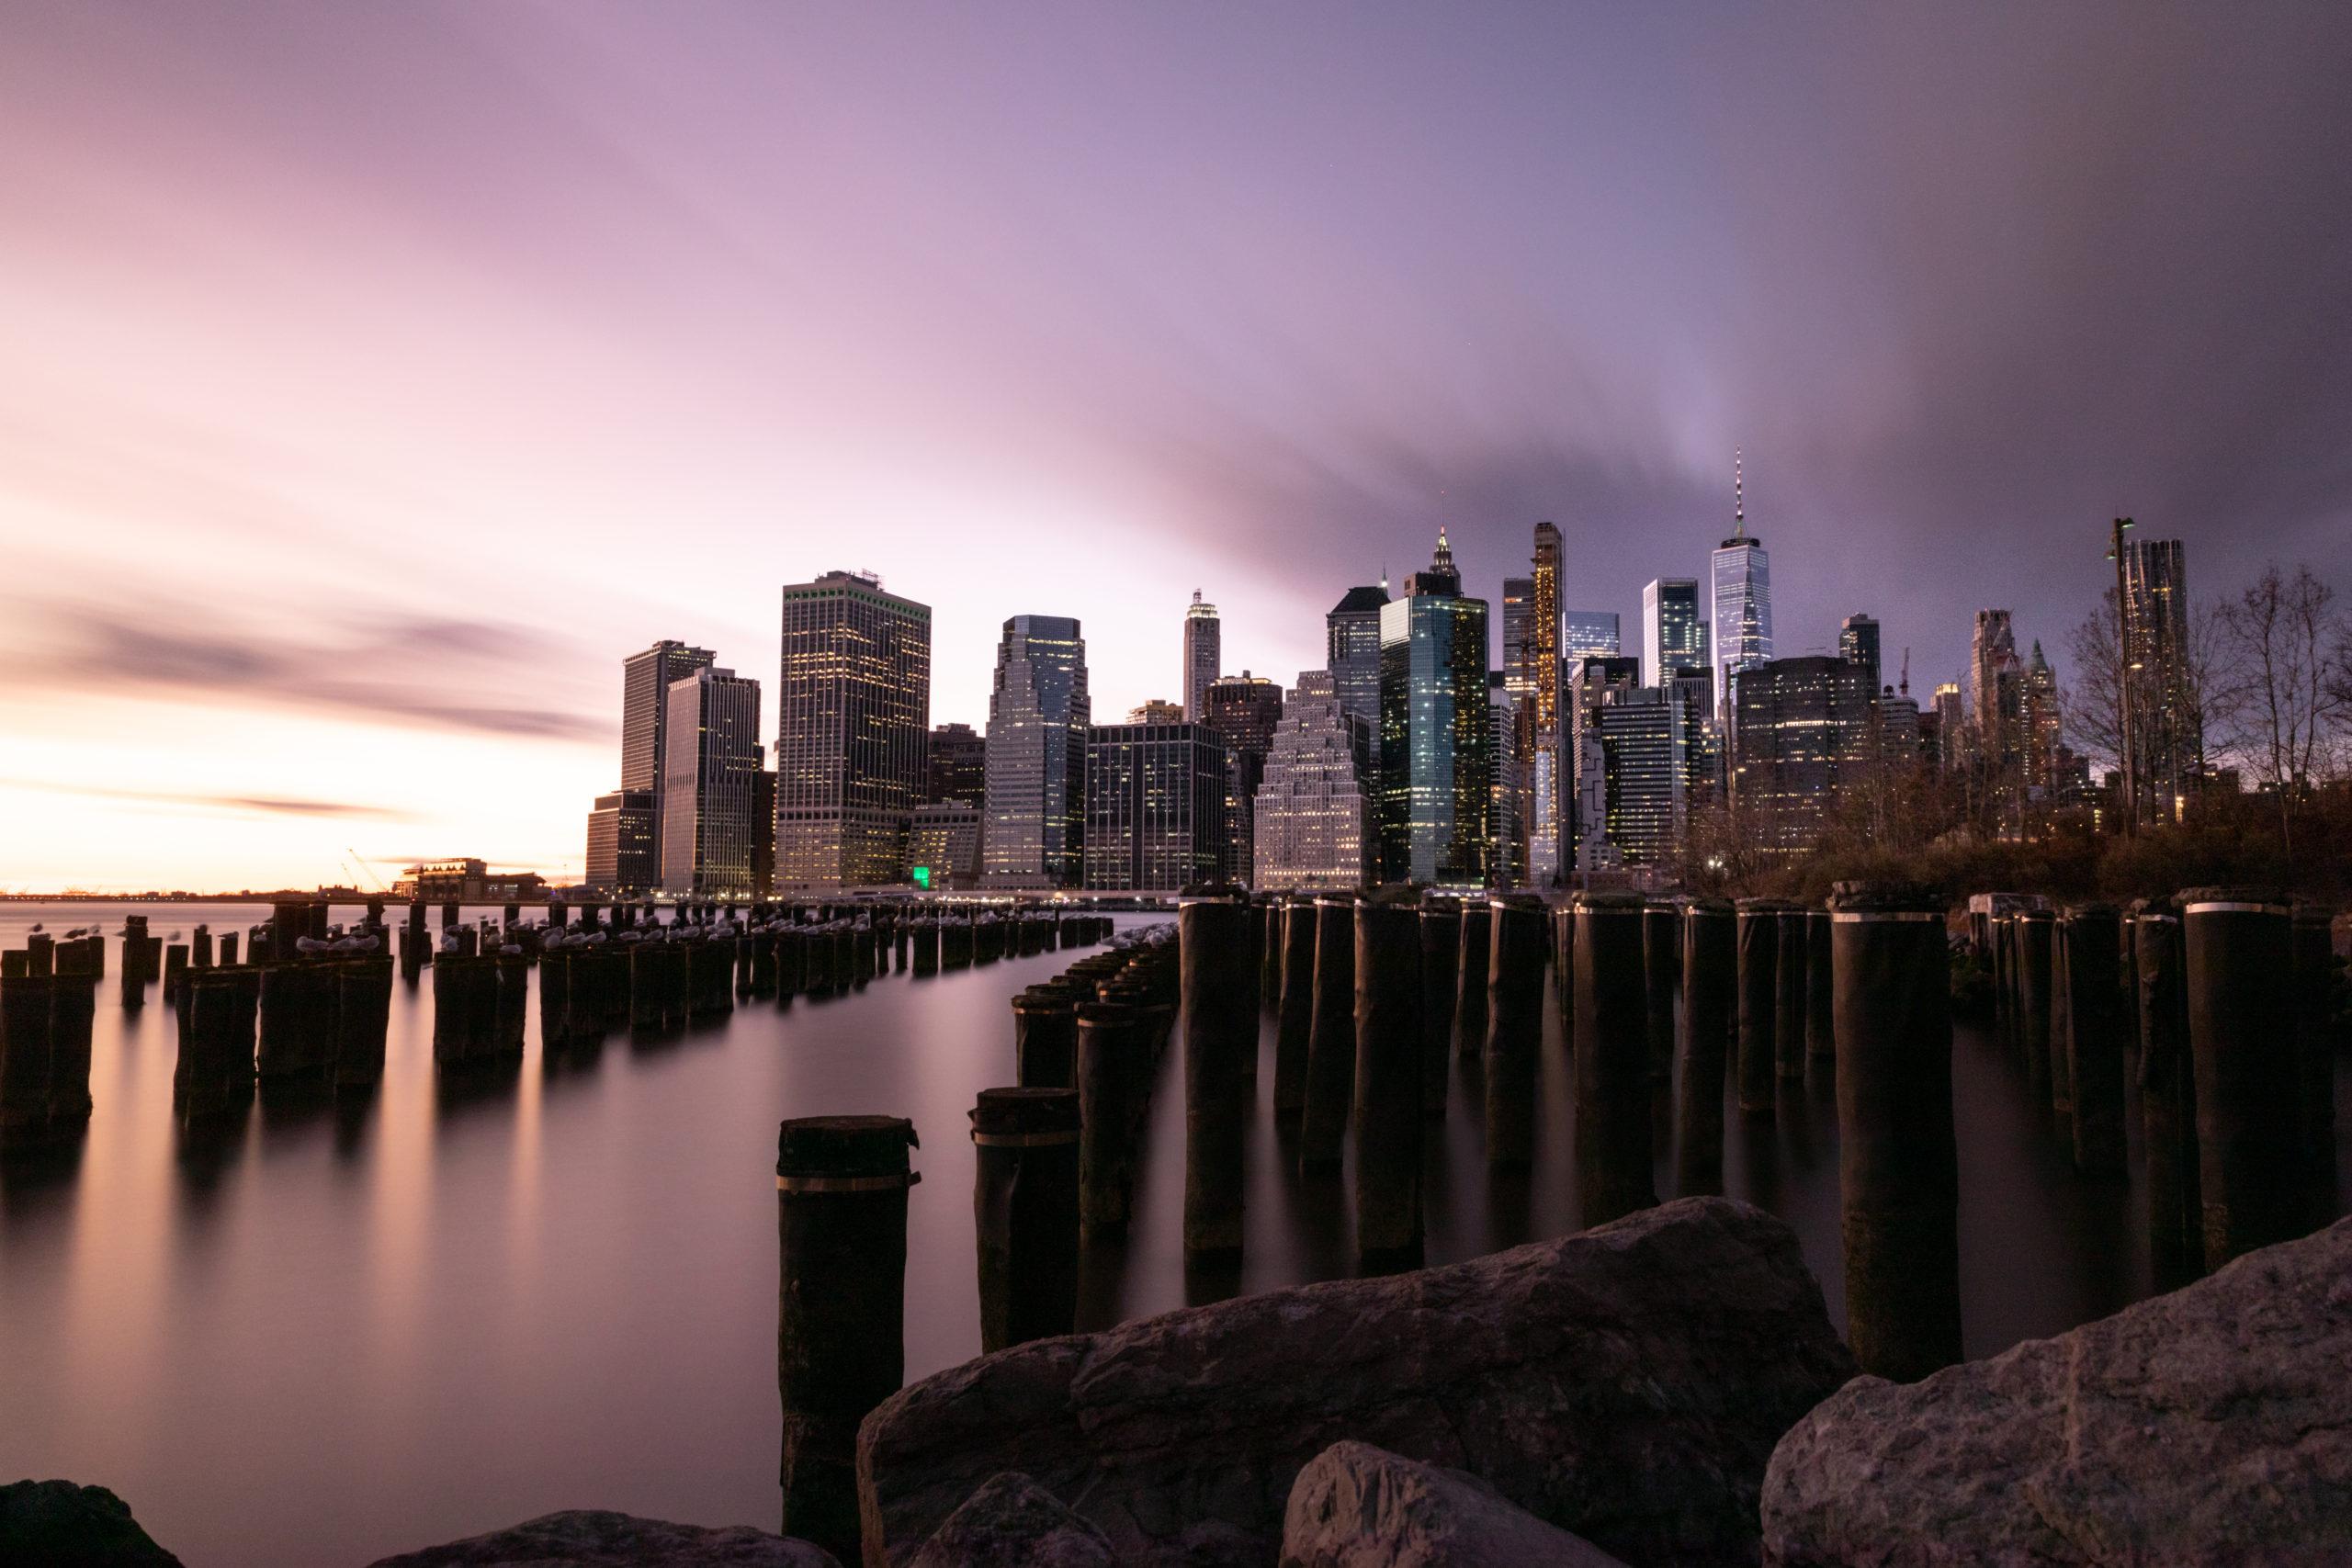 Die Skyline von New York City im Sonnenuntergang Fotospots Fotoorte